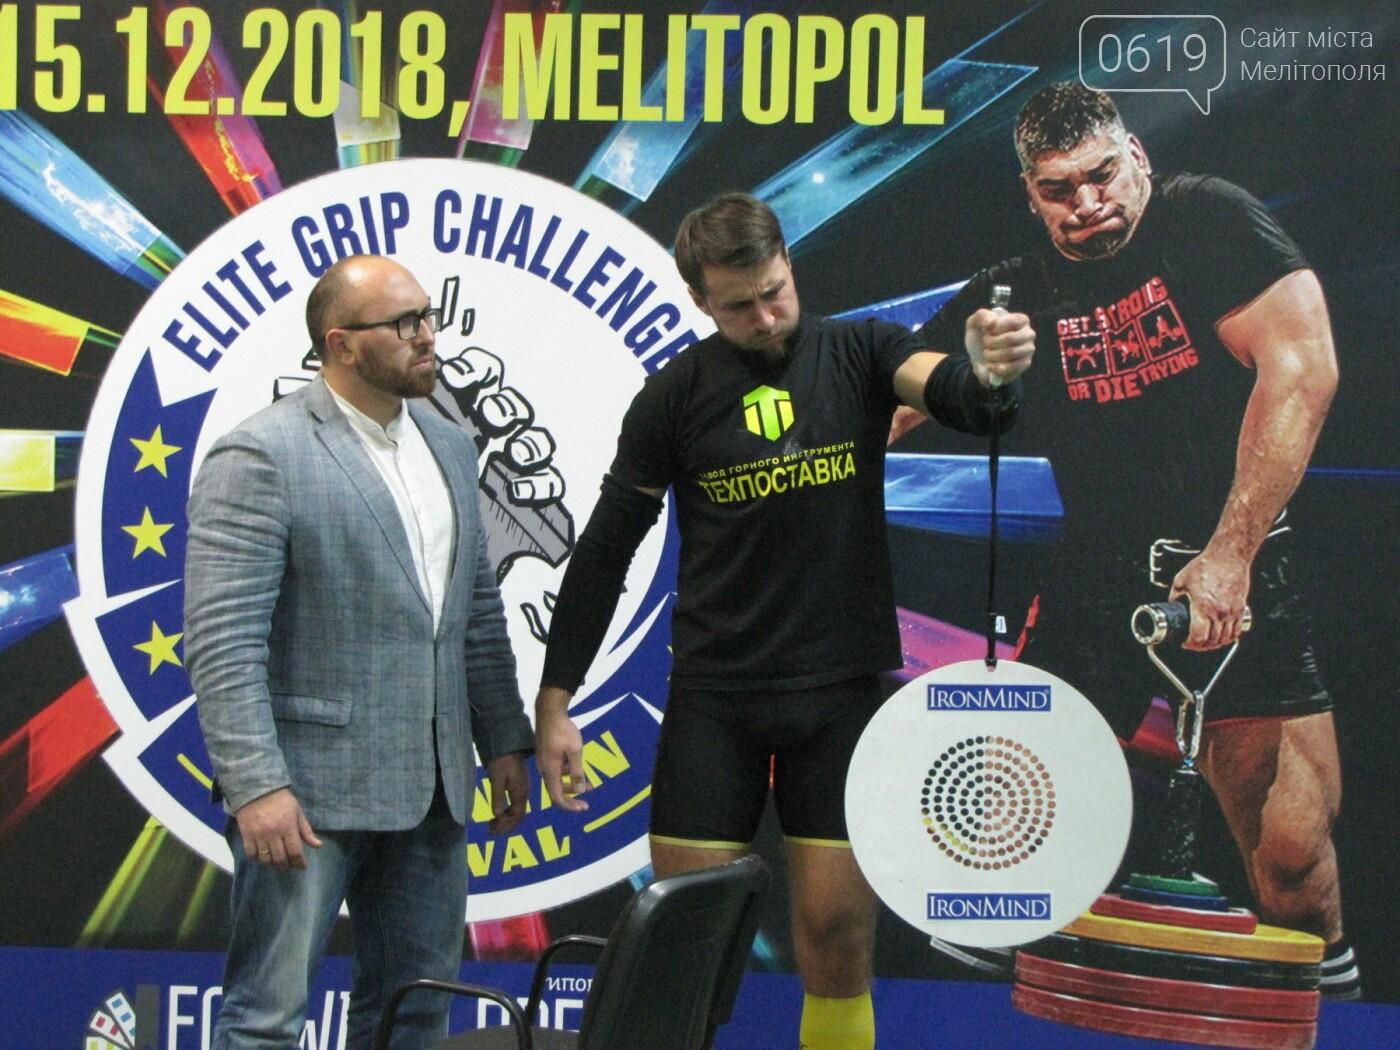 В Мелитополе сильнейшие атлеты соревновались в силе хвата, фото-47